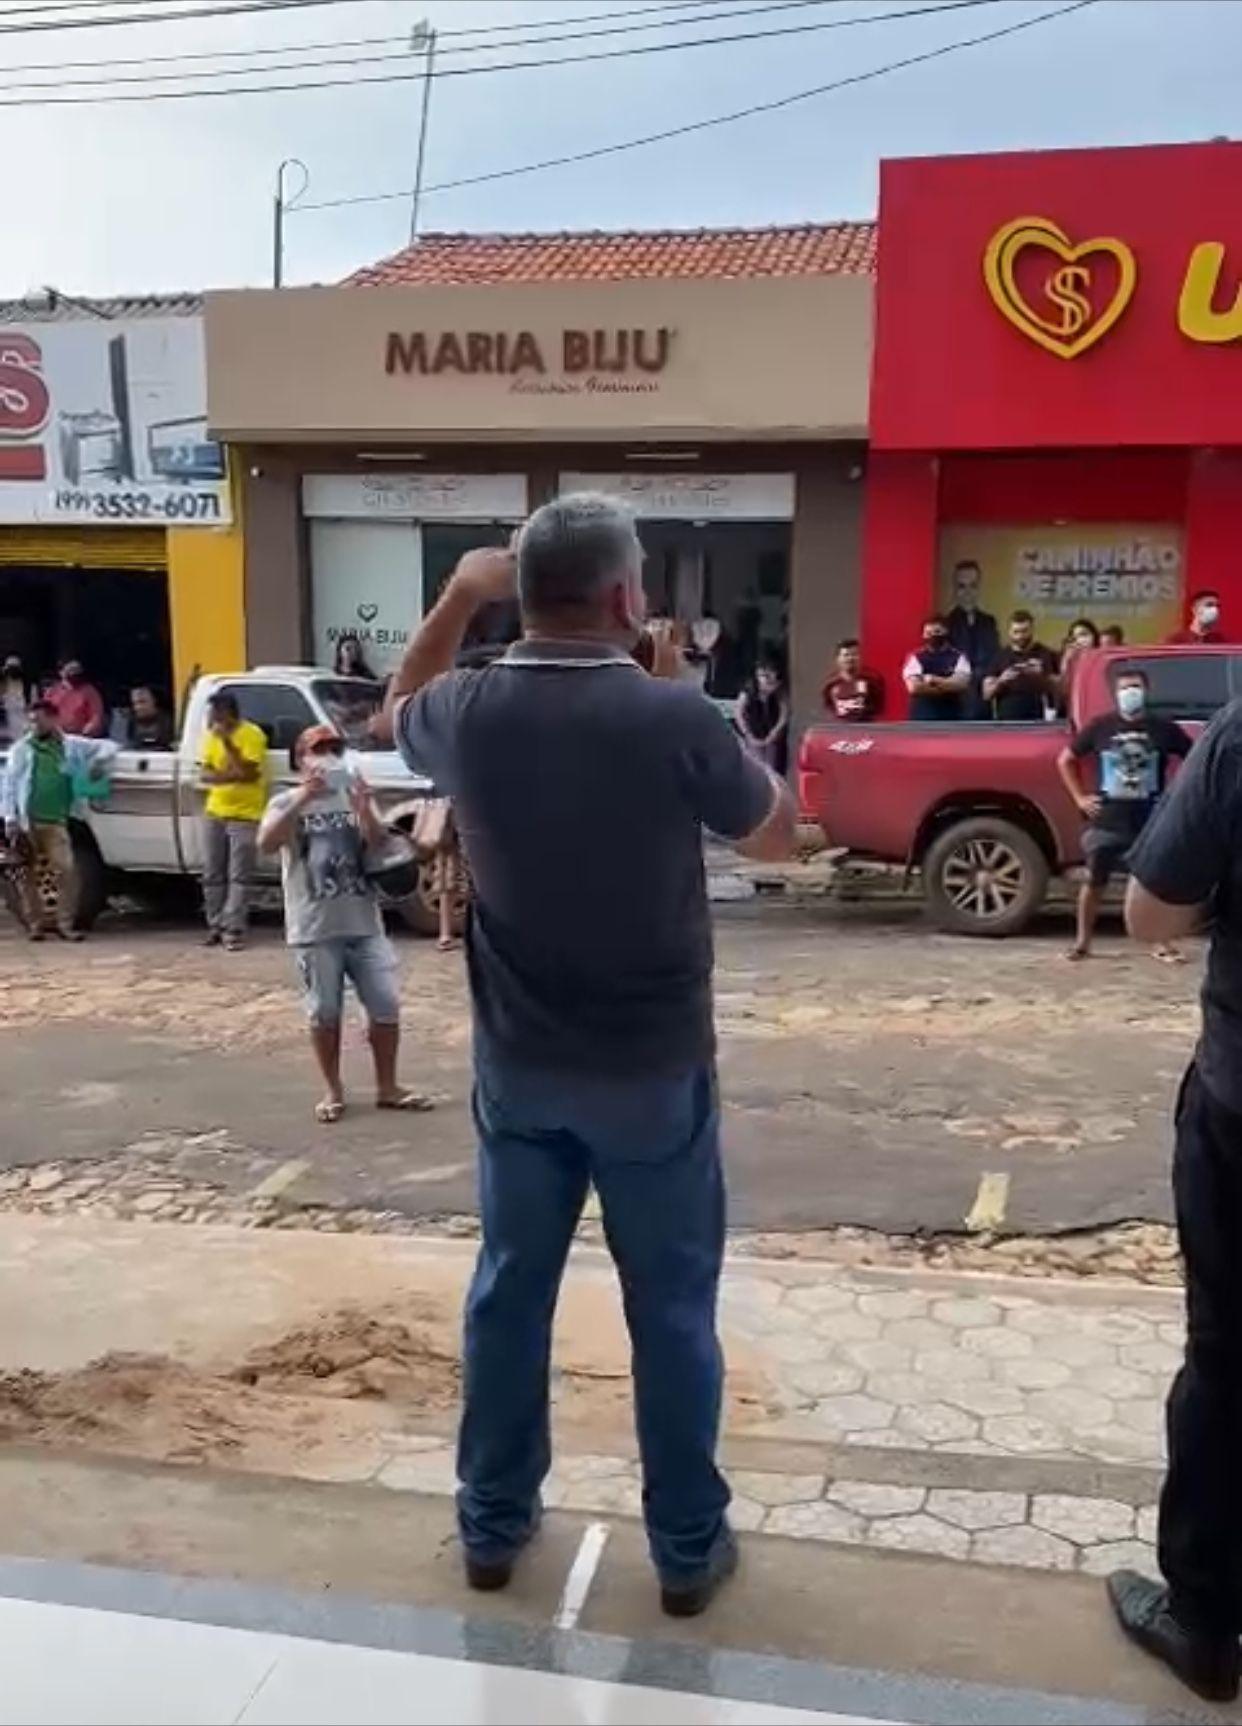 Durante manifestação em Grajaú, comerciante chama de vagabundos o prefeito e servidores públicos